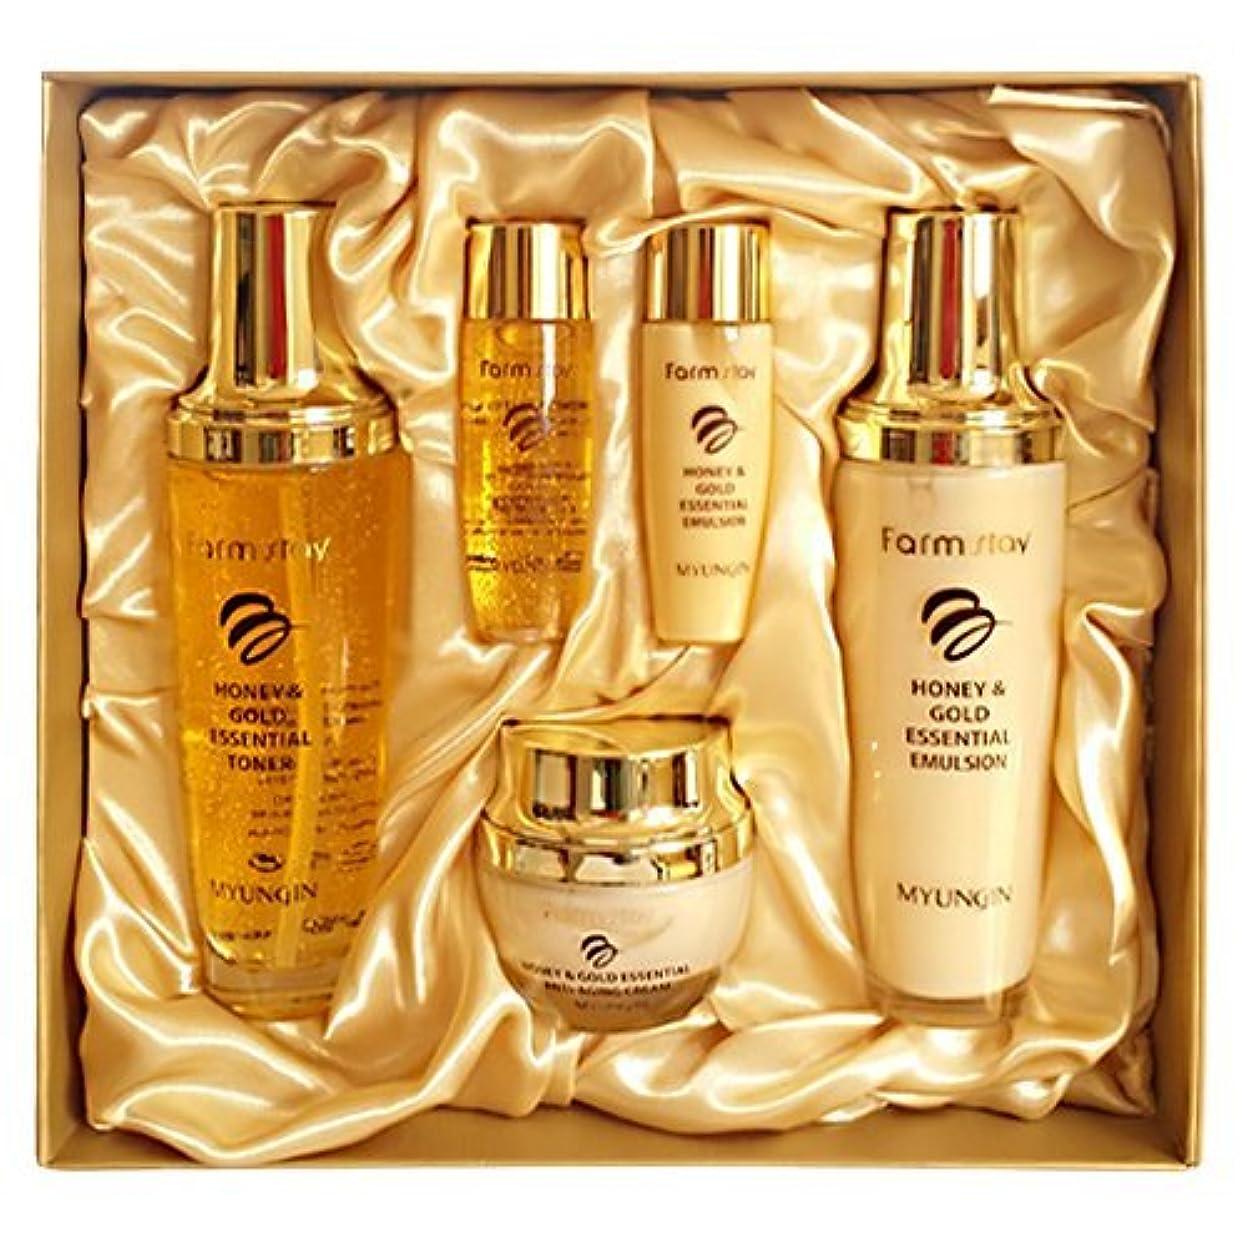 と遊ぶデンマーク語ワームファームステイ[韓国コスメFarm Stay]Honey & Gold Essential Skin Care 3set ハニーゴールドエッセンシャルスキンケア3セット [並行輸入品]